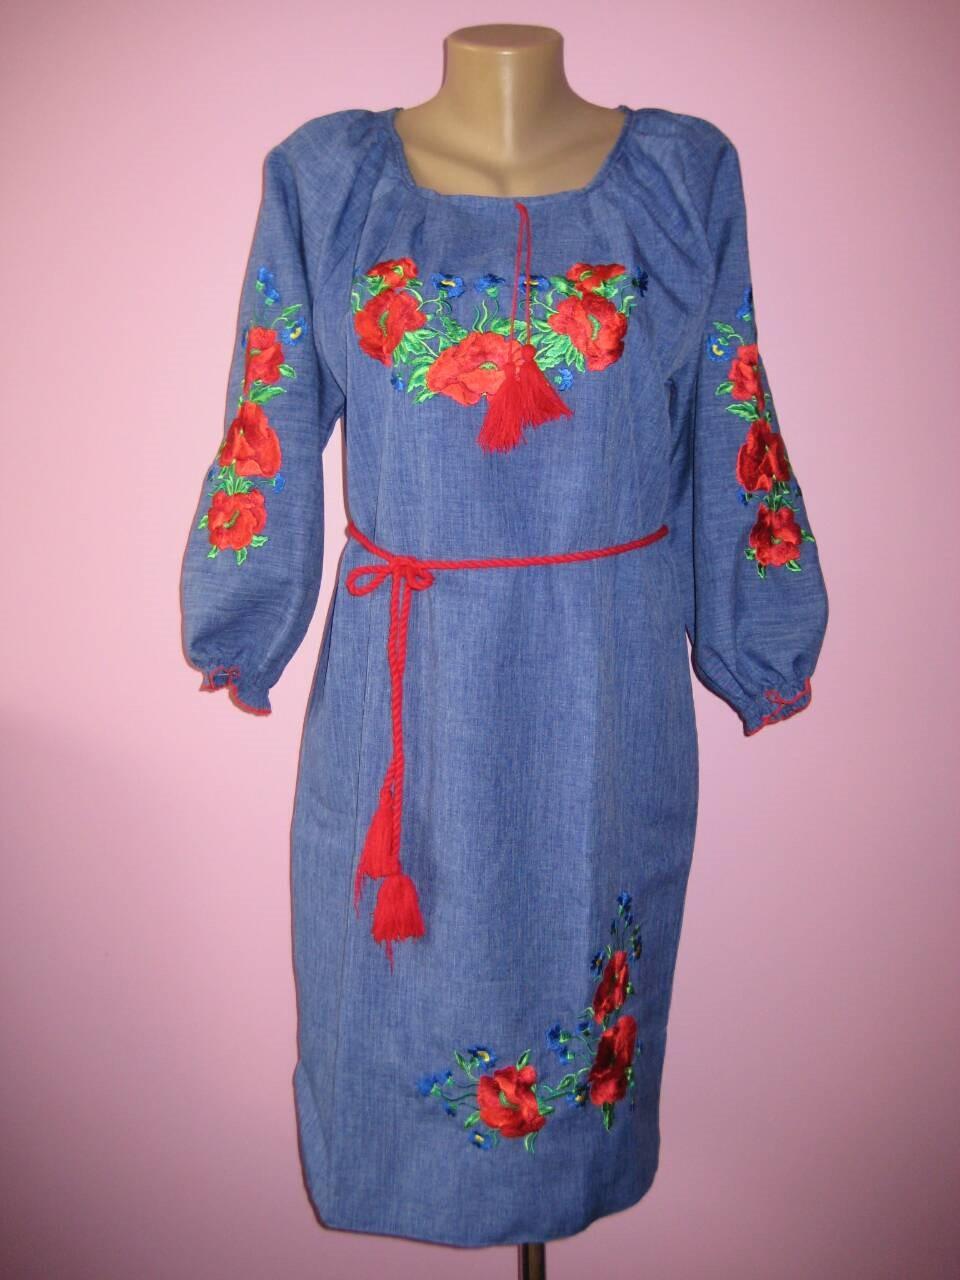 Женское платье с вышивкой (джинс), 46-52 р-ры, 500/570 (цена за 1 шт. + 70 гр.)